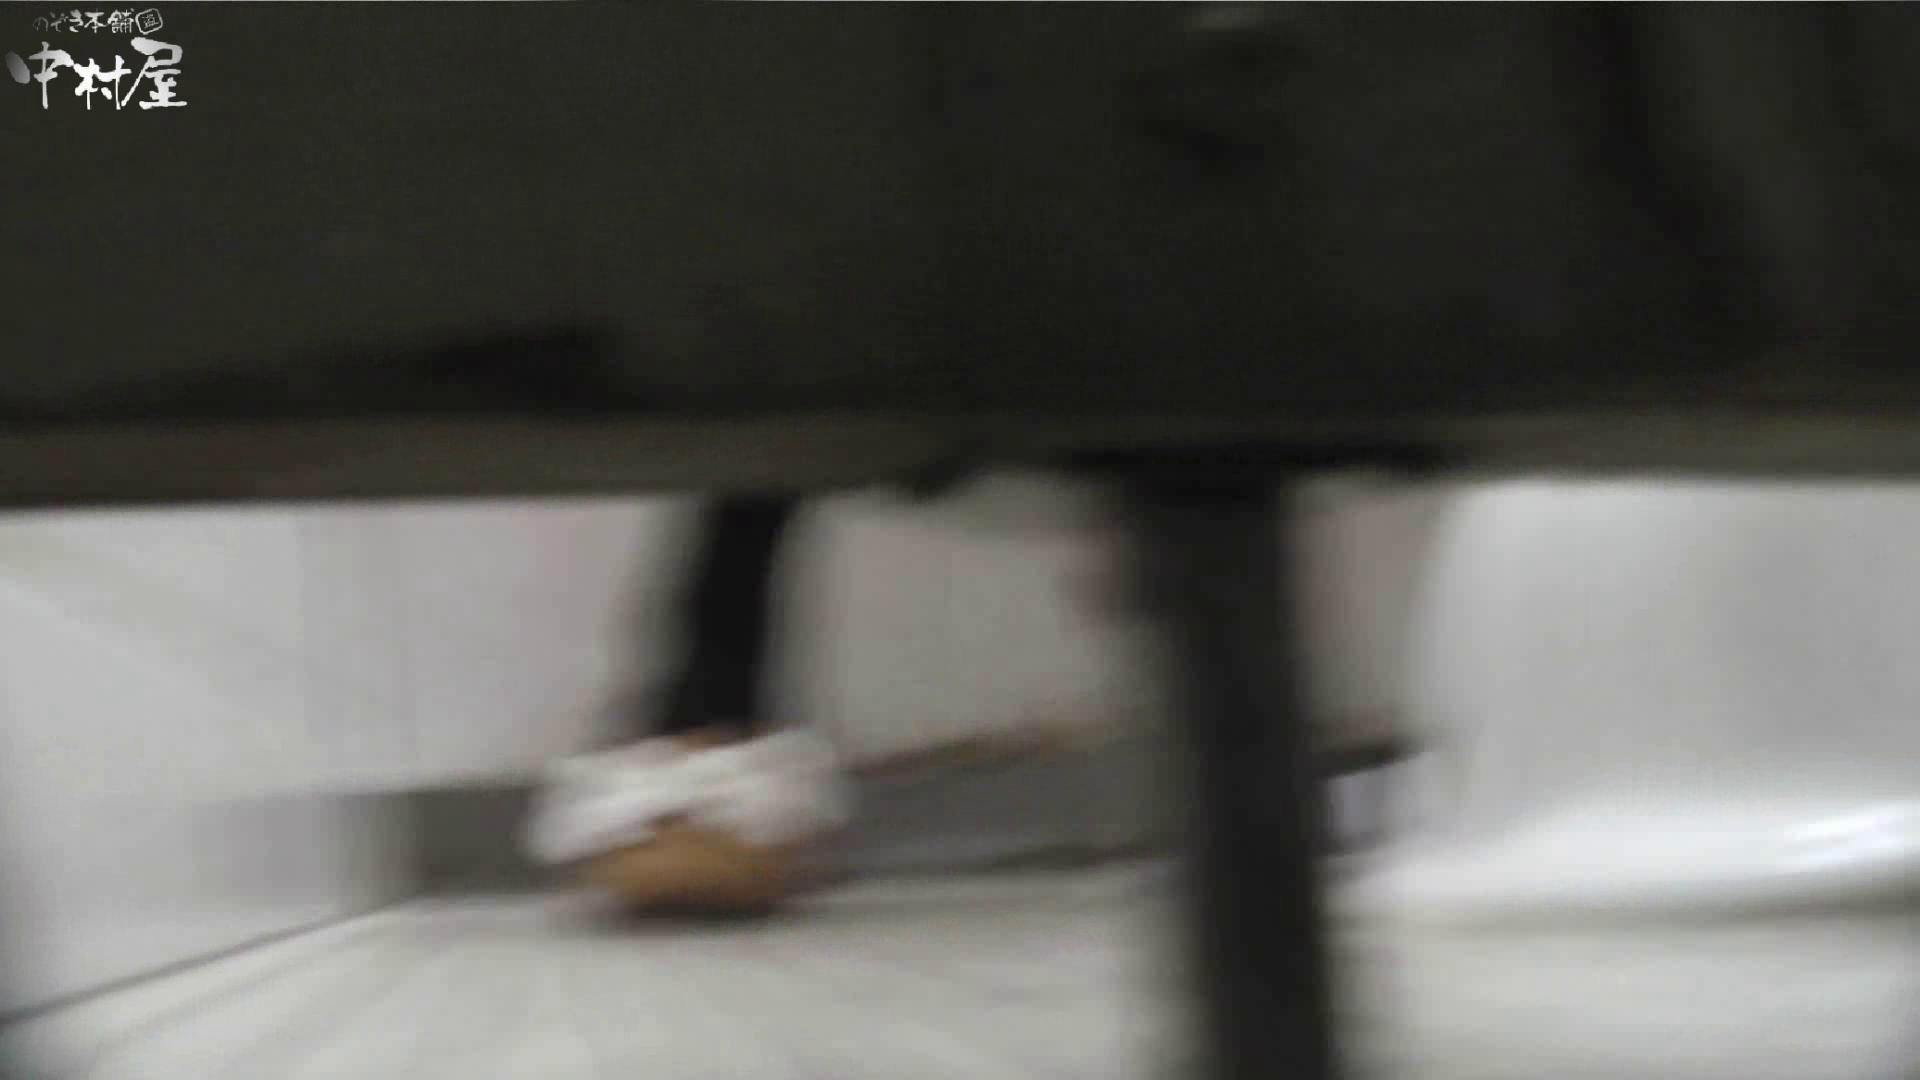 vol.06 命がけ潜伏洗面所! 茶髪タン、ハァハァ 後編 潜入 | OLのプライベート  10pic 1